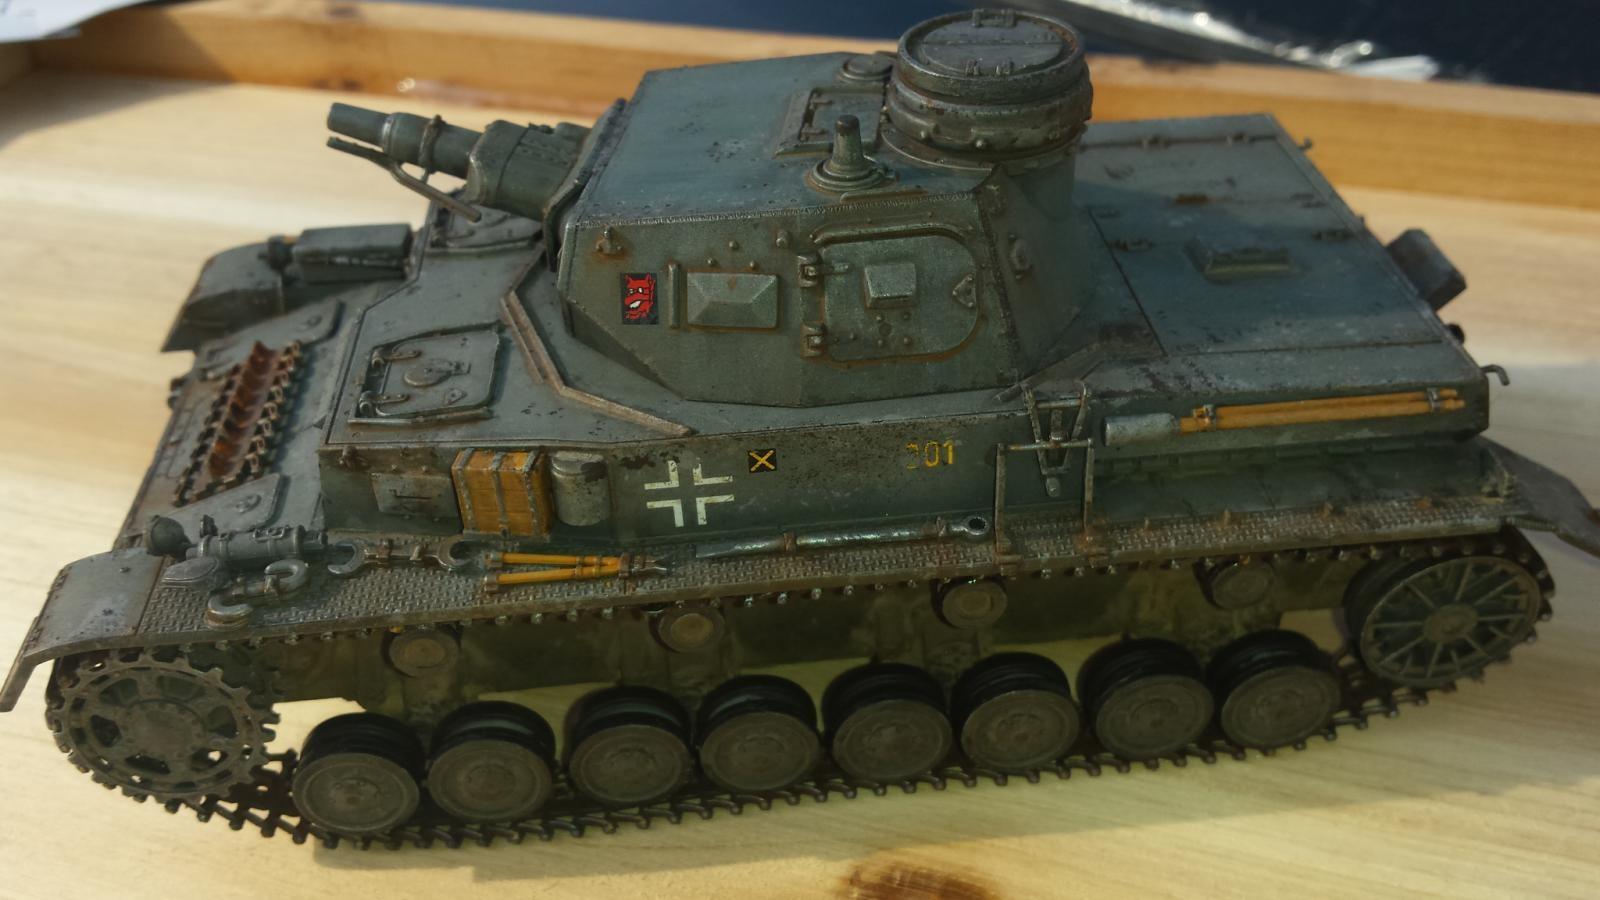 1-35 Dragon Platz Pz Kpfw IV Ausf D | iModeler